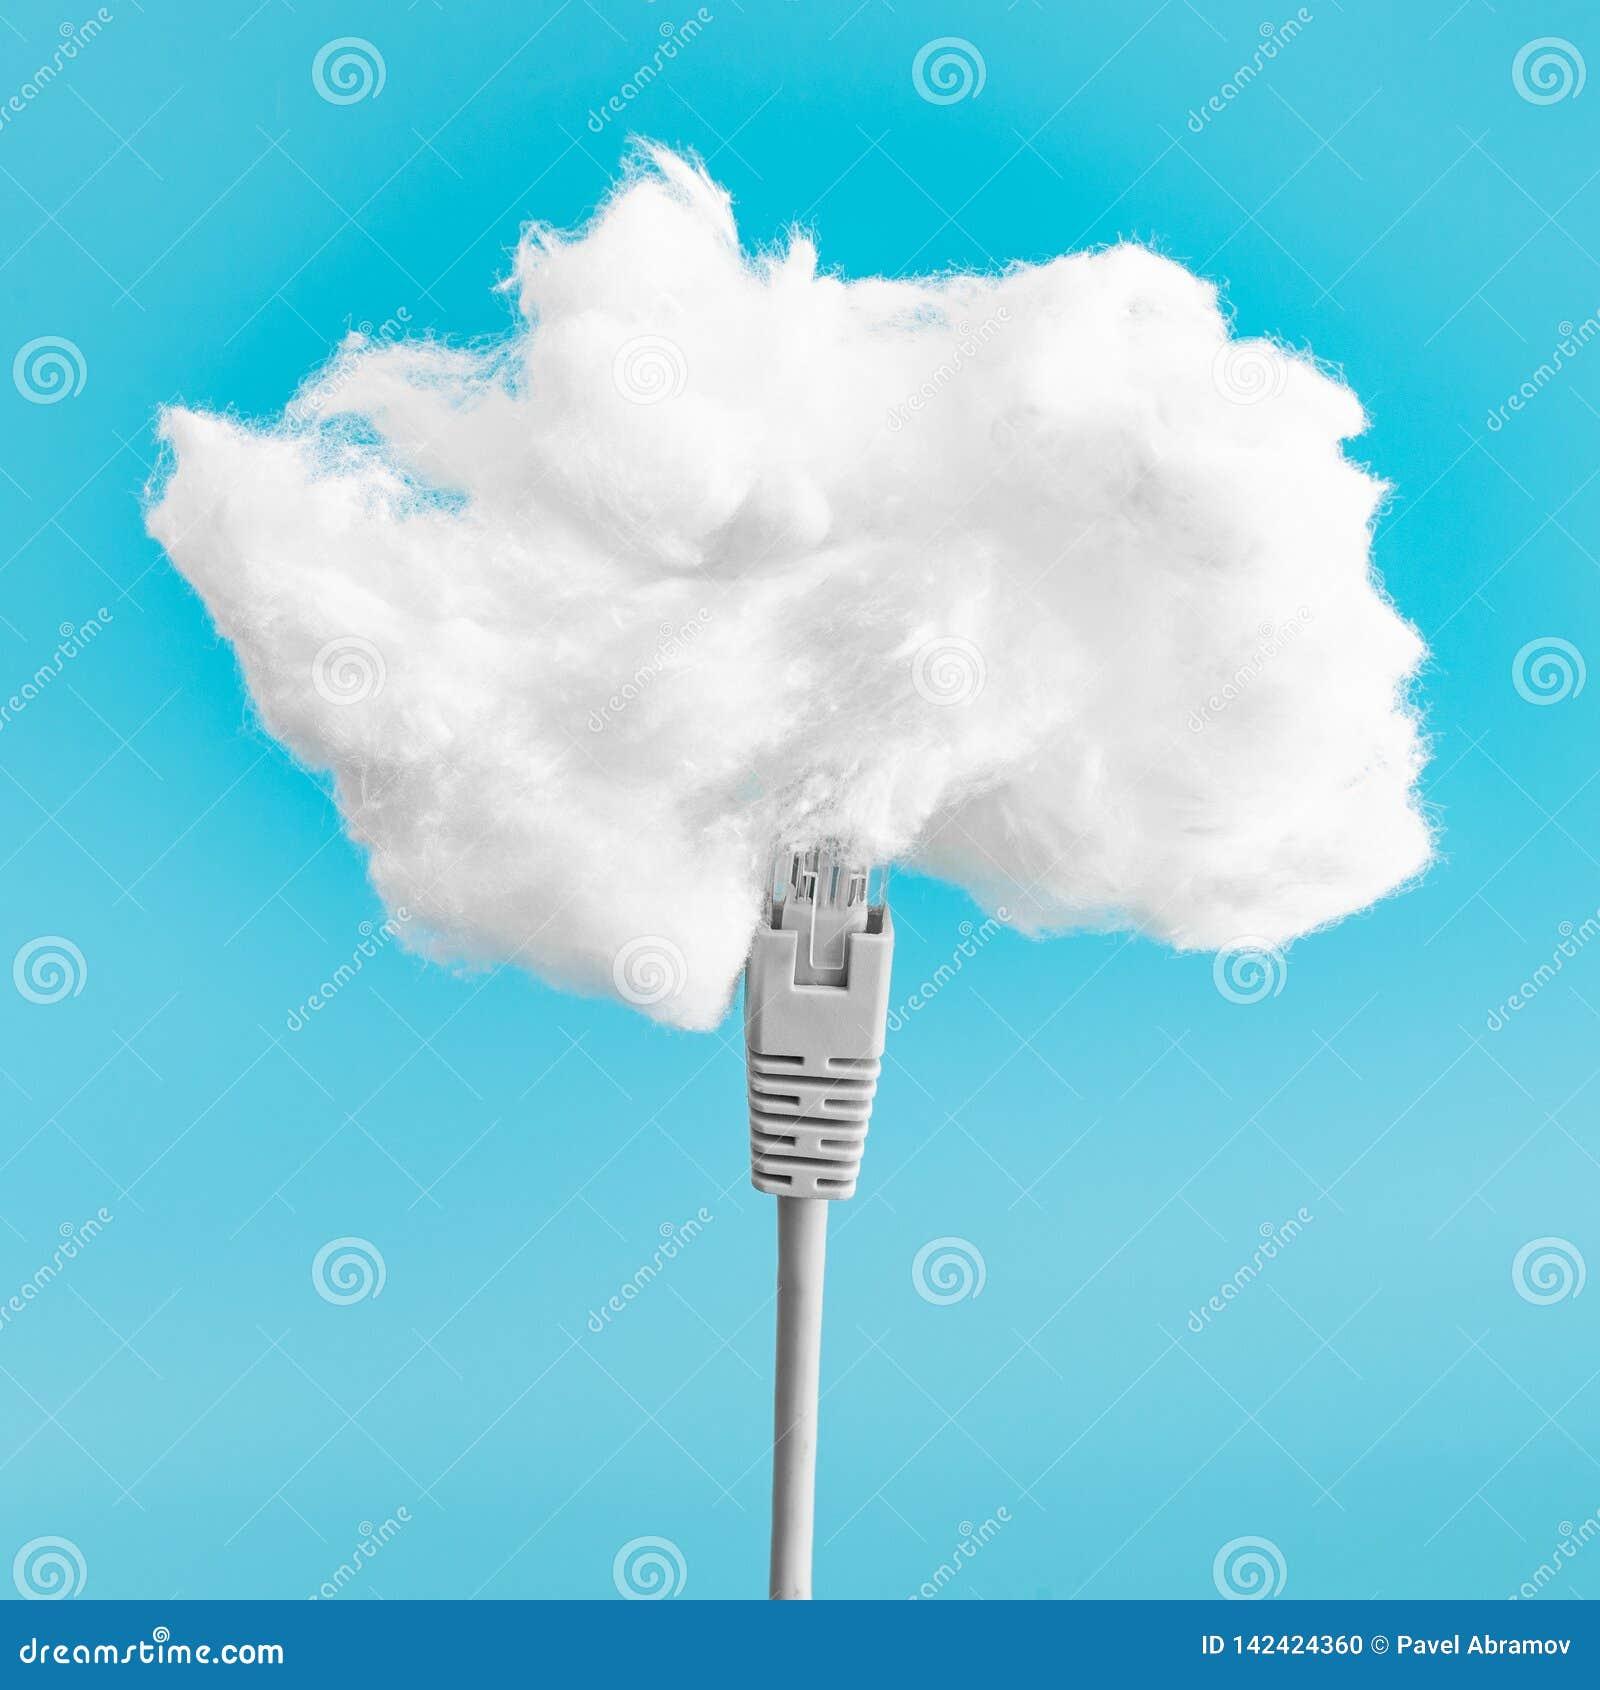 Cloud meddelande resurser för begreppet för datoren beräknande lokaliserade bärbar dator Ethernetkabel som förbinder in i molnet